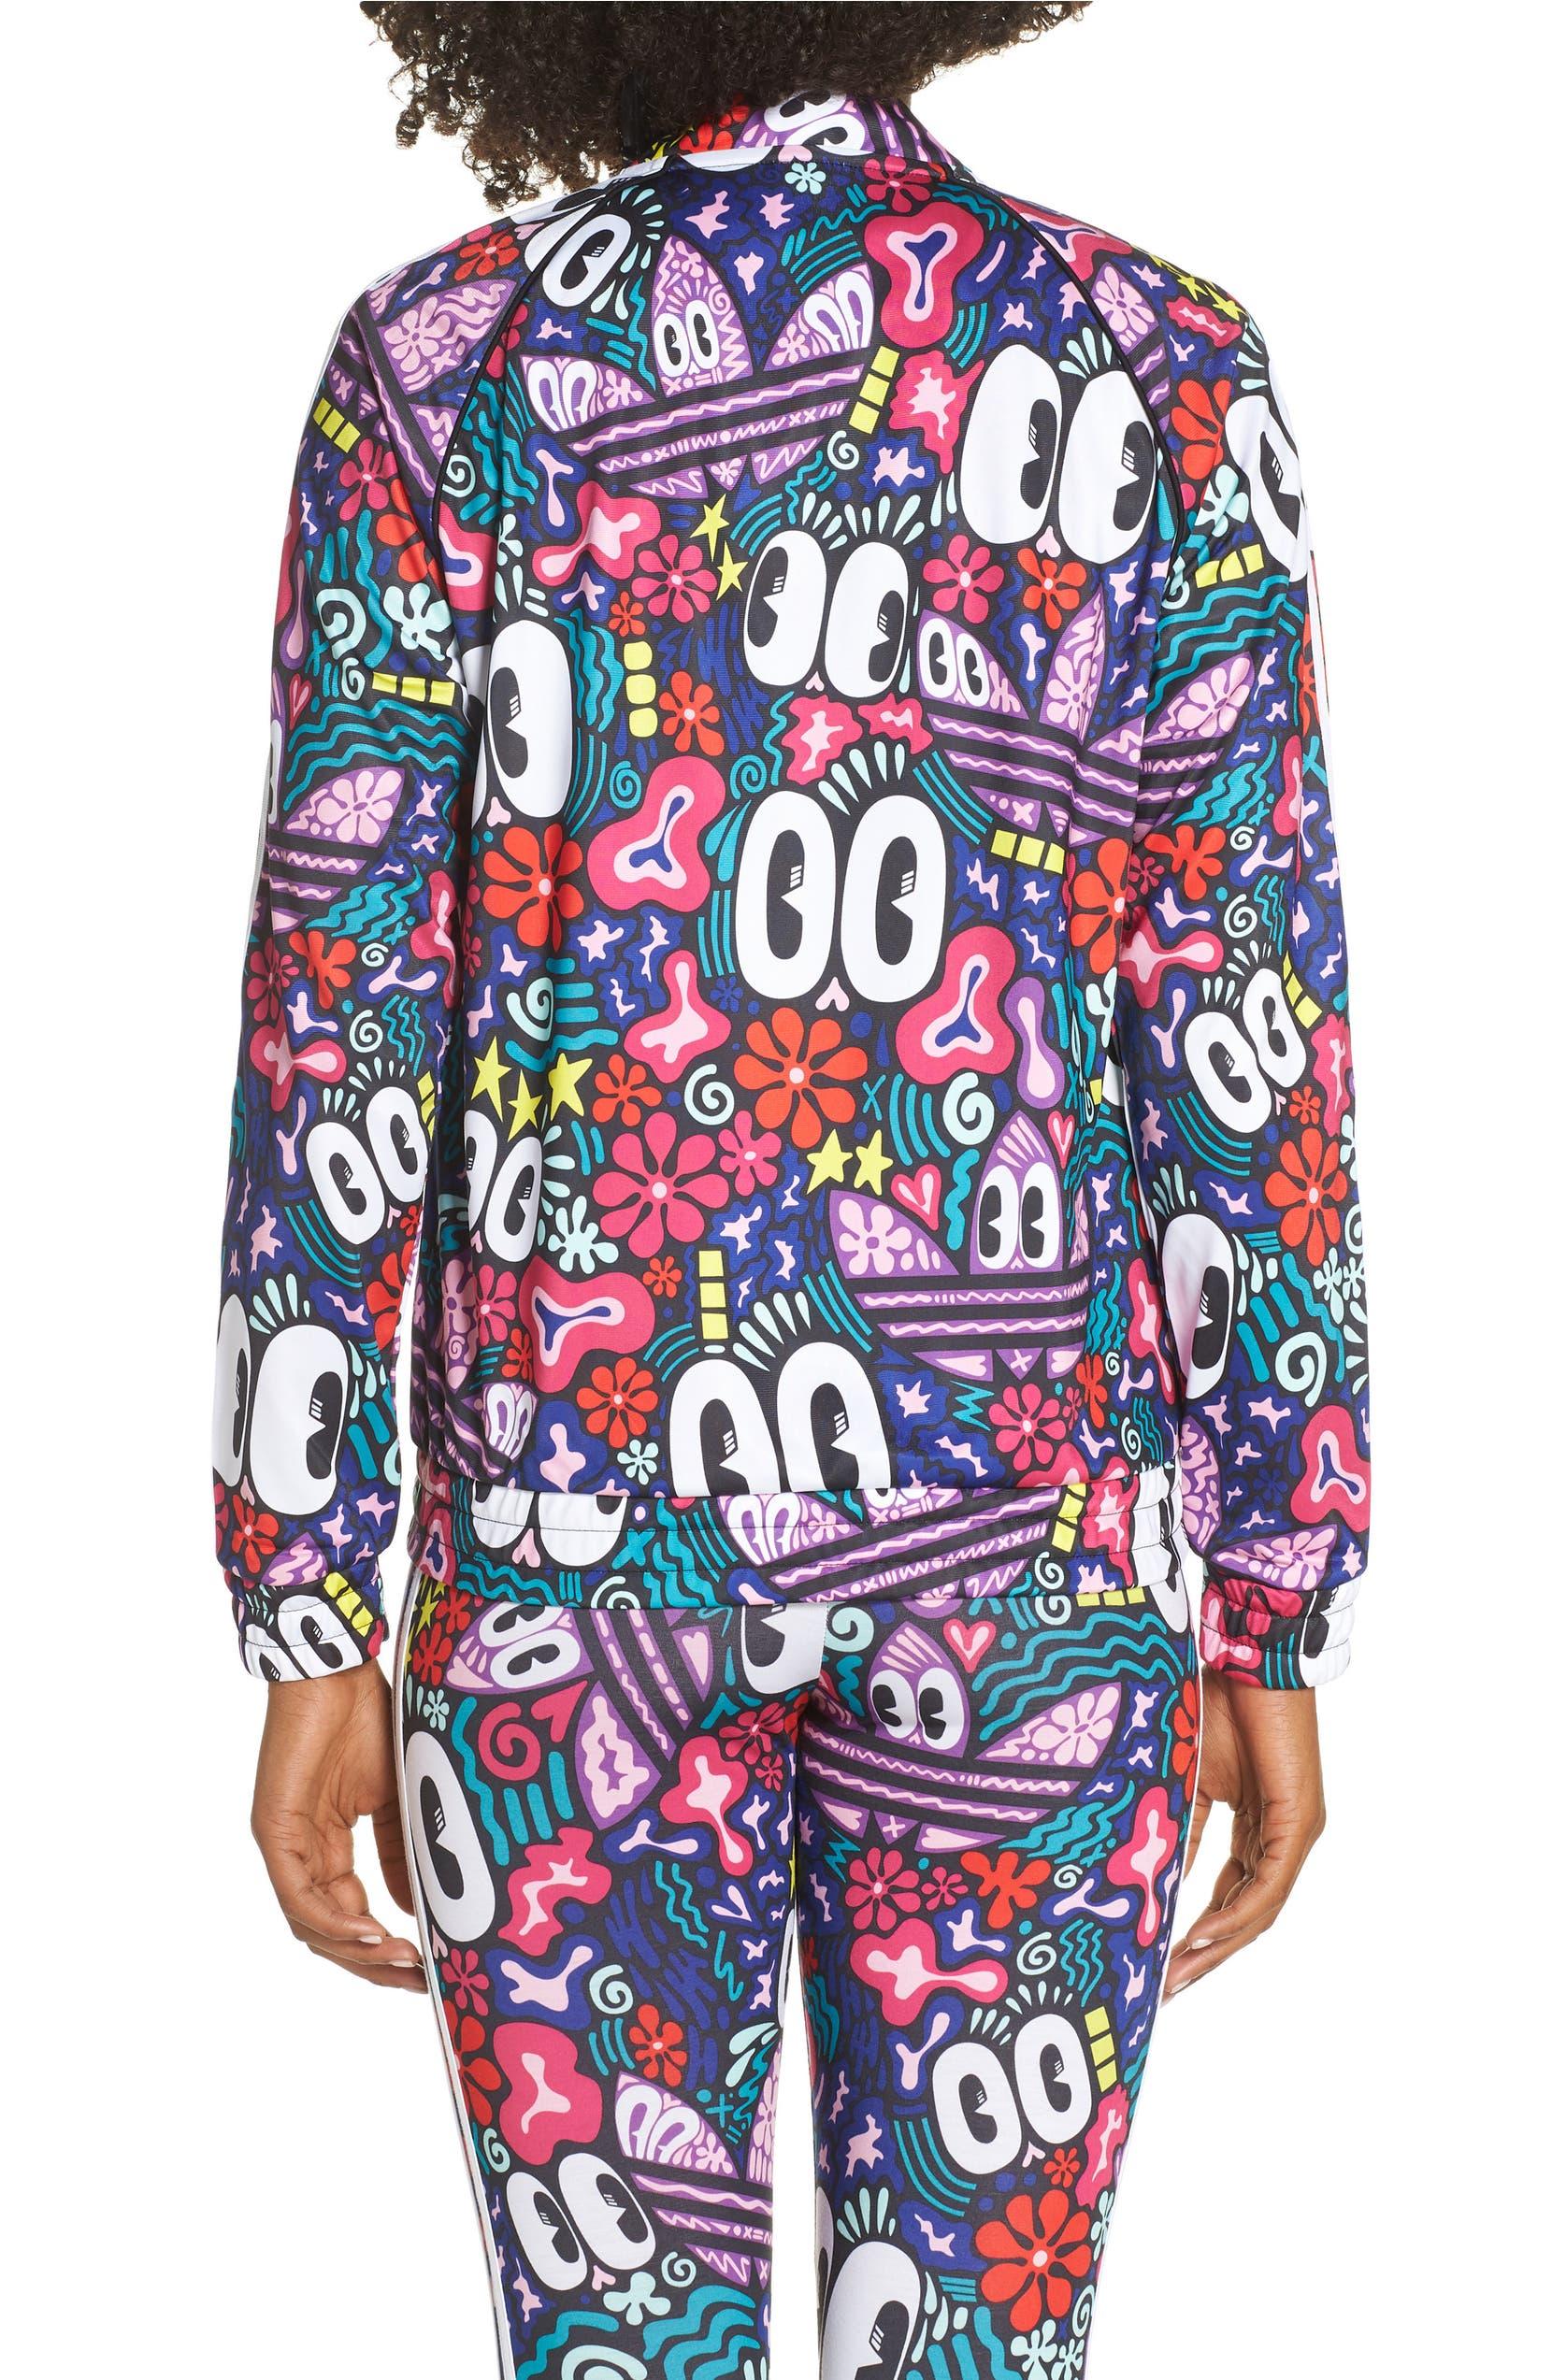 6a4ea8cce7a adidas Originals SST Doodlebomb Print Track Jacket